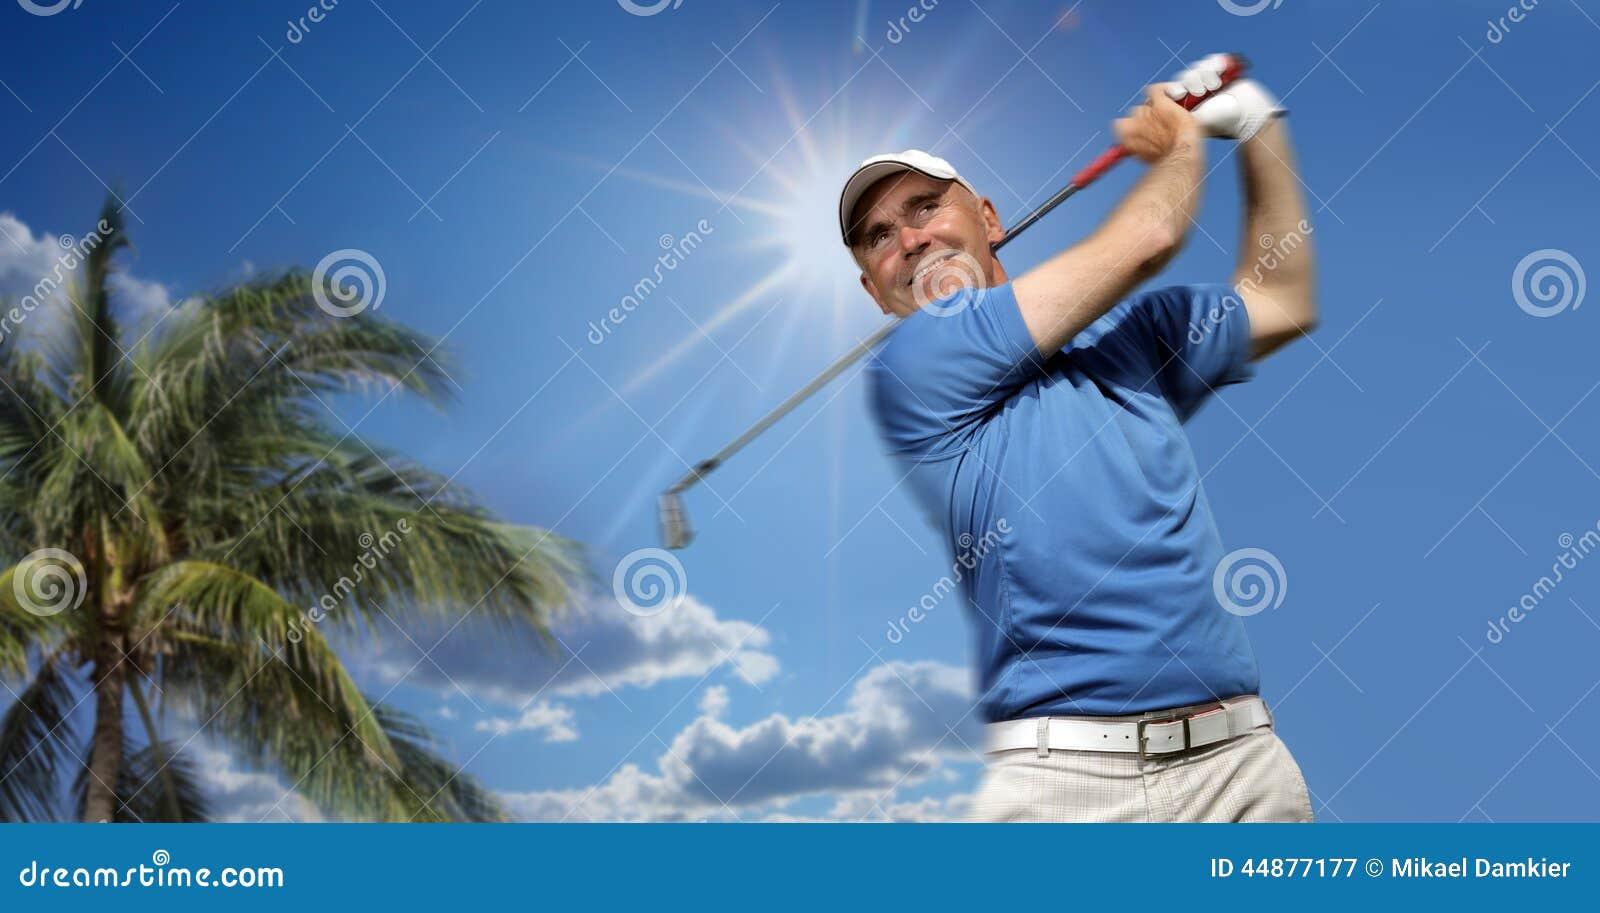 Jogador de golfe que dispara em uma esfera de golfe